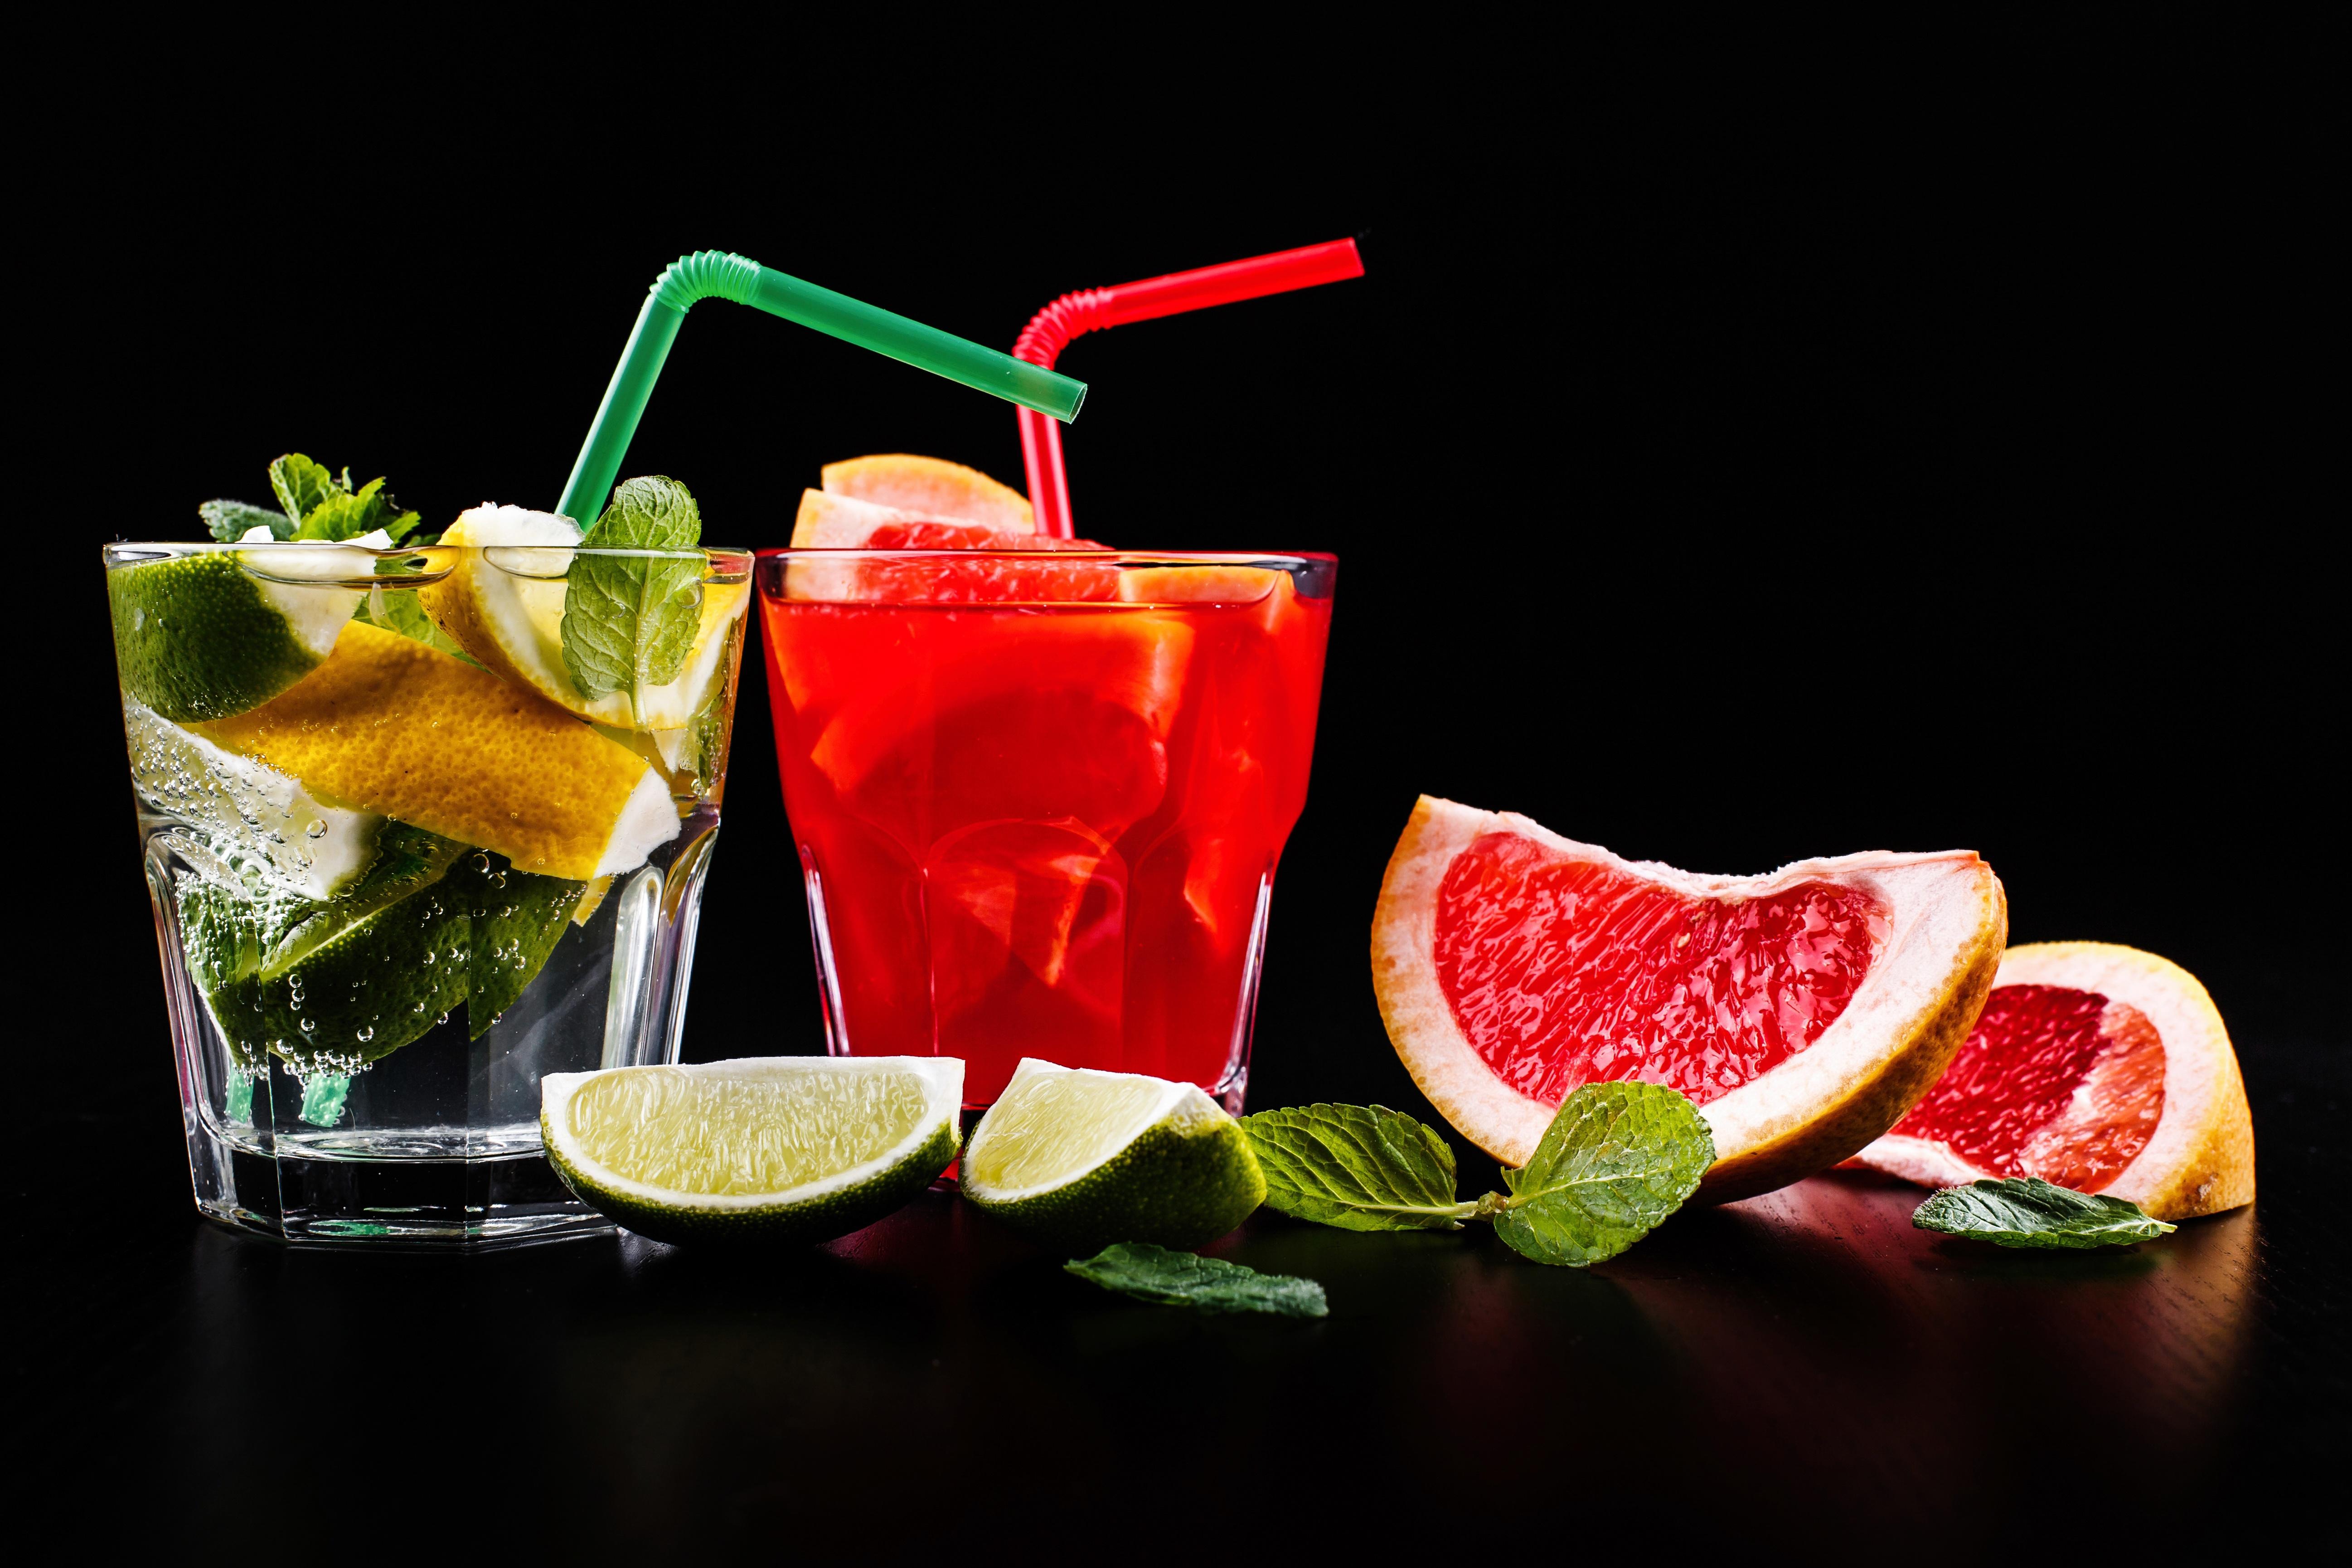 картинки с напитками отмечает